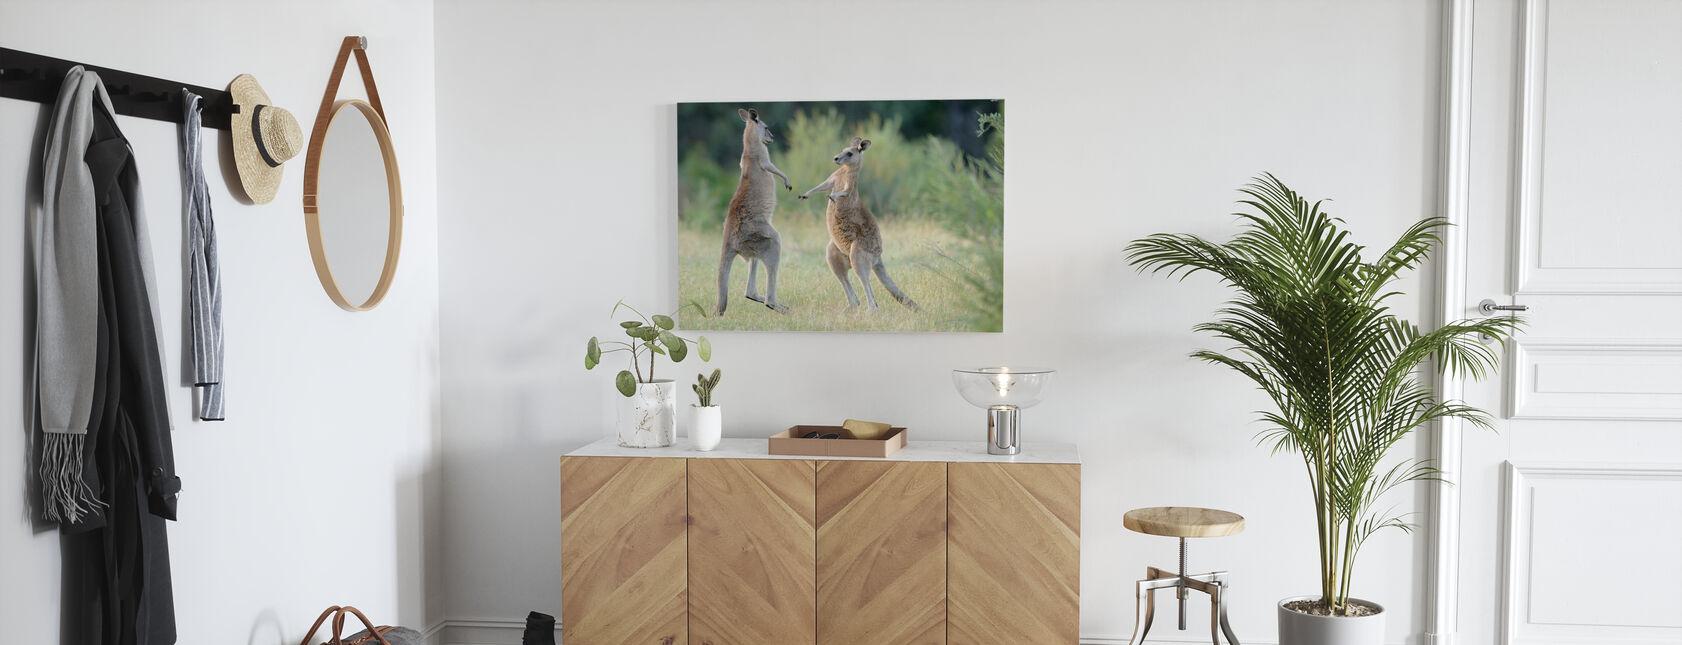 Eastern Grey Kangaroo - Canvas print - Hallway